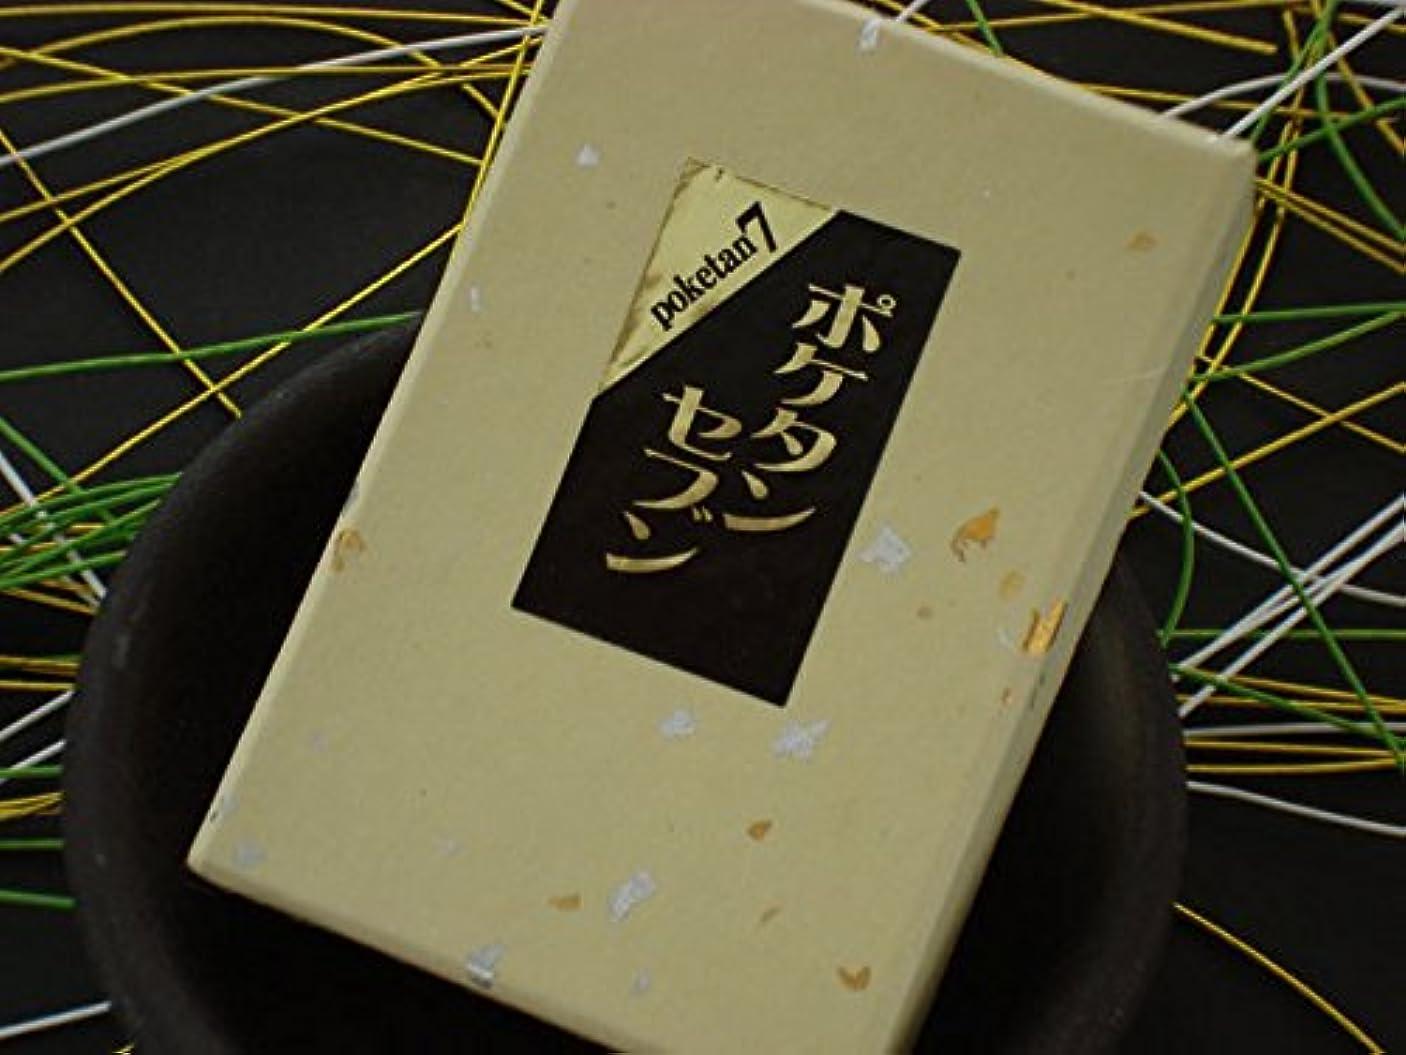 はげベーリング海峡柔らかい足1000円ポッキリ ポケタンセブン 【スティック】 7種の香り 【お香】